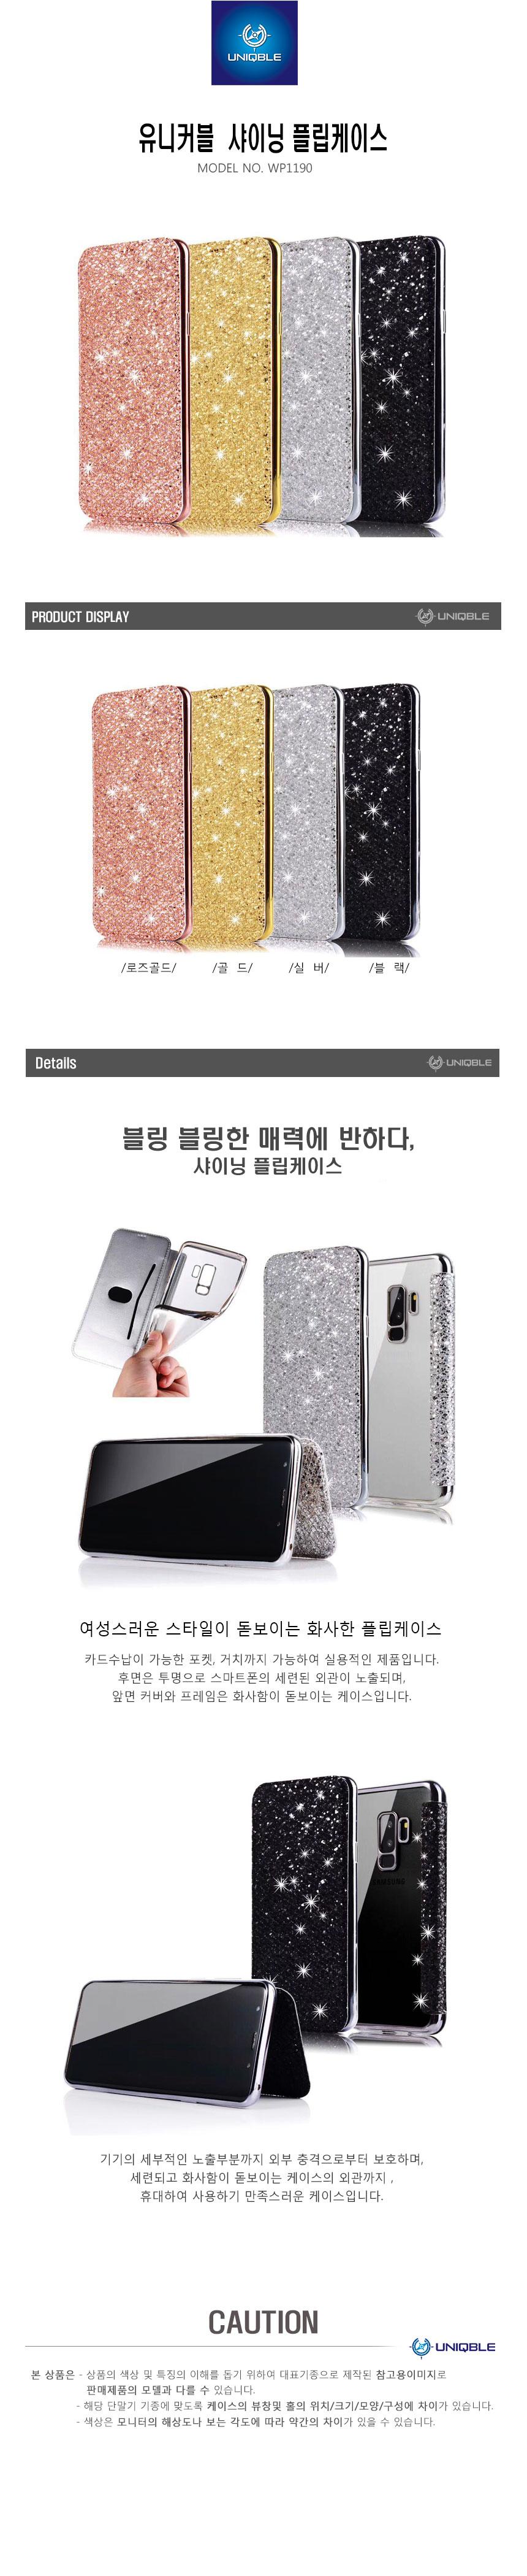 갤럭시노트10 노트10플러스 N971 N976 샤이닝 큐빅 카드수납 플립 커버 휴대폰케이스 - 유니커블, 10,000원, 케이스, 갤럭시 노트10